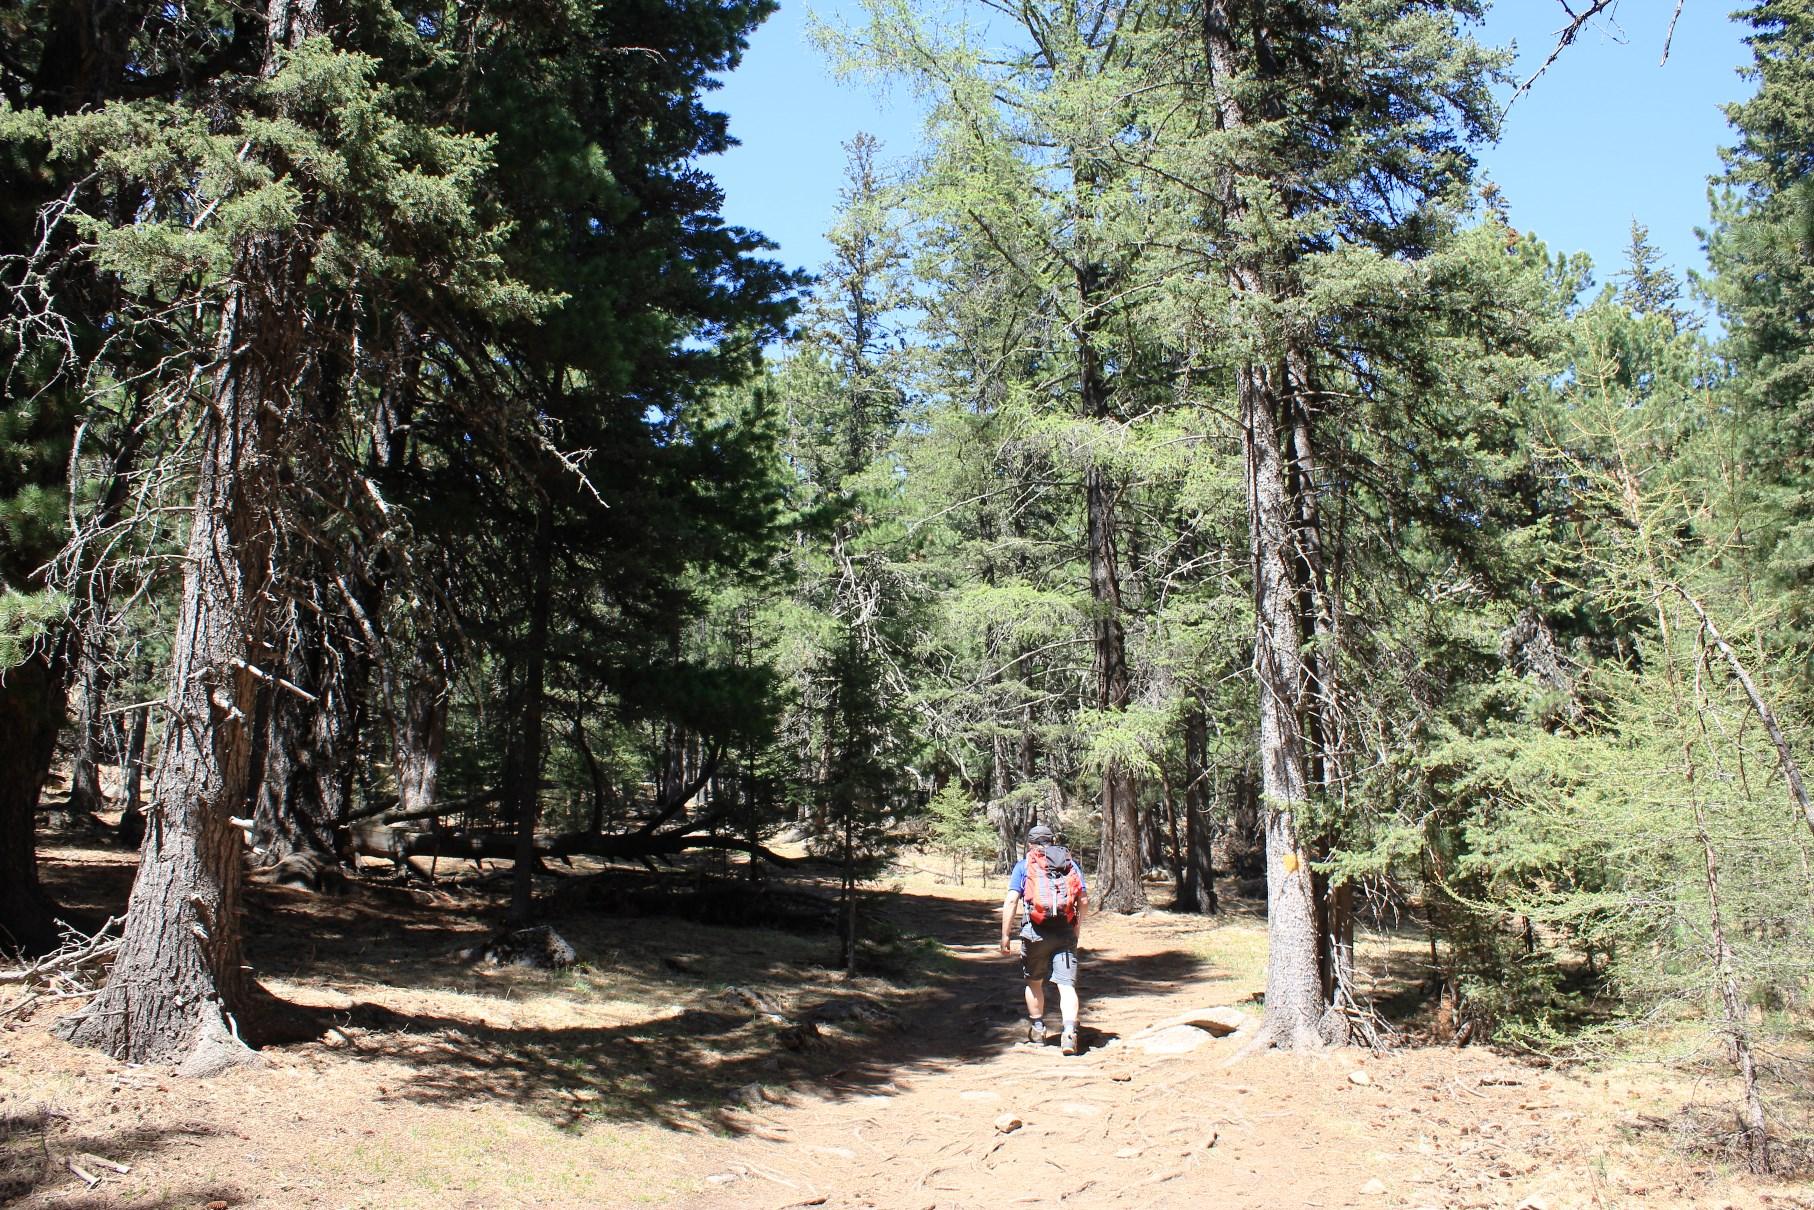 ツェツェグン峰は樹林帯を進む